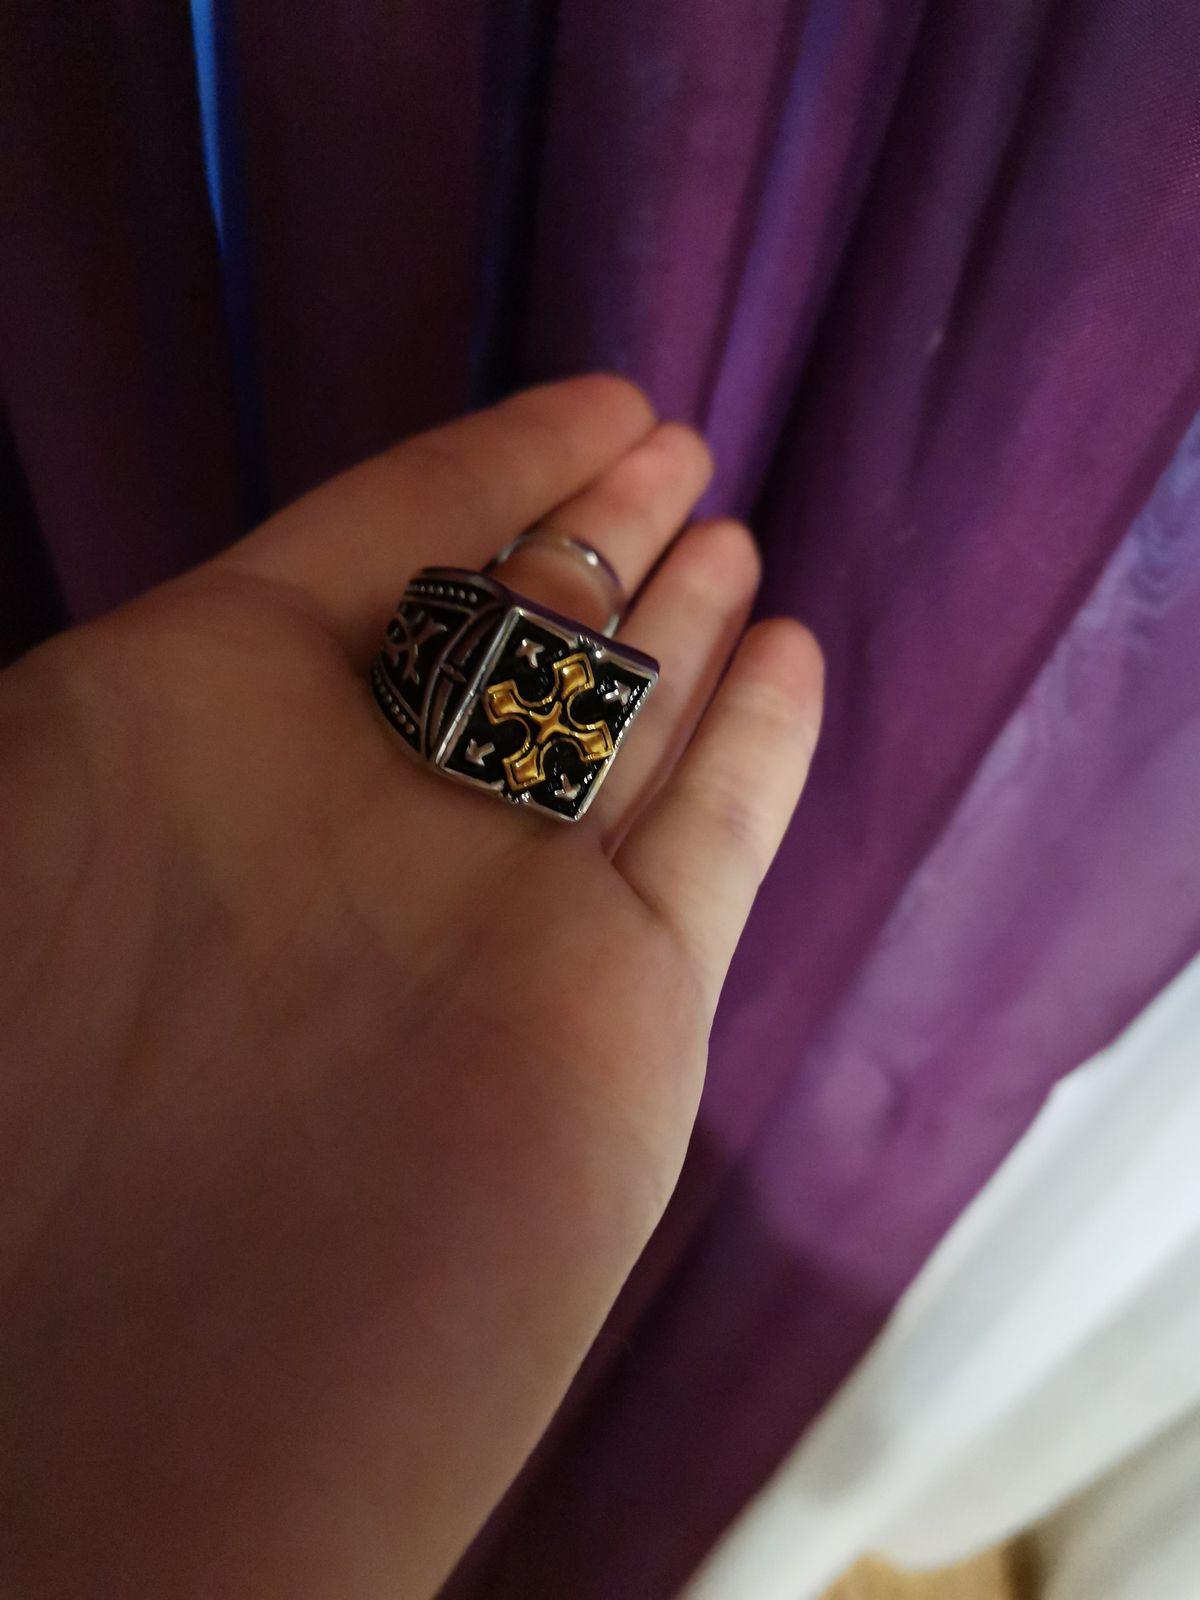 Шикарное кольцо за свою цену